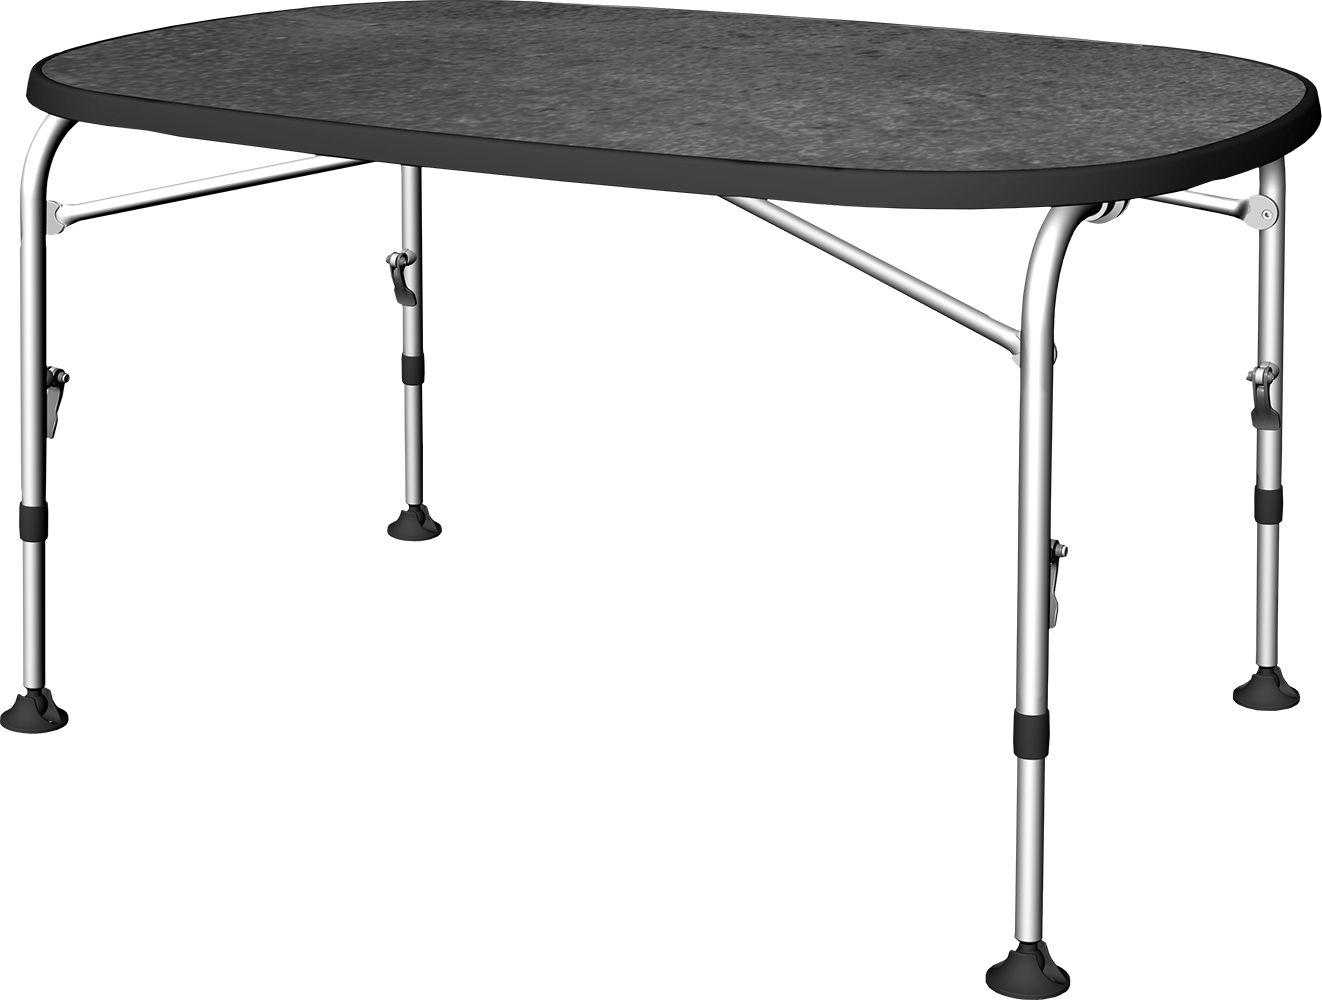 Westfield Tisch Superb 130 04260182765692 Camping Tisch